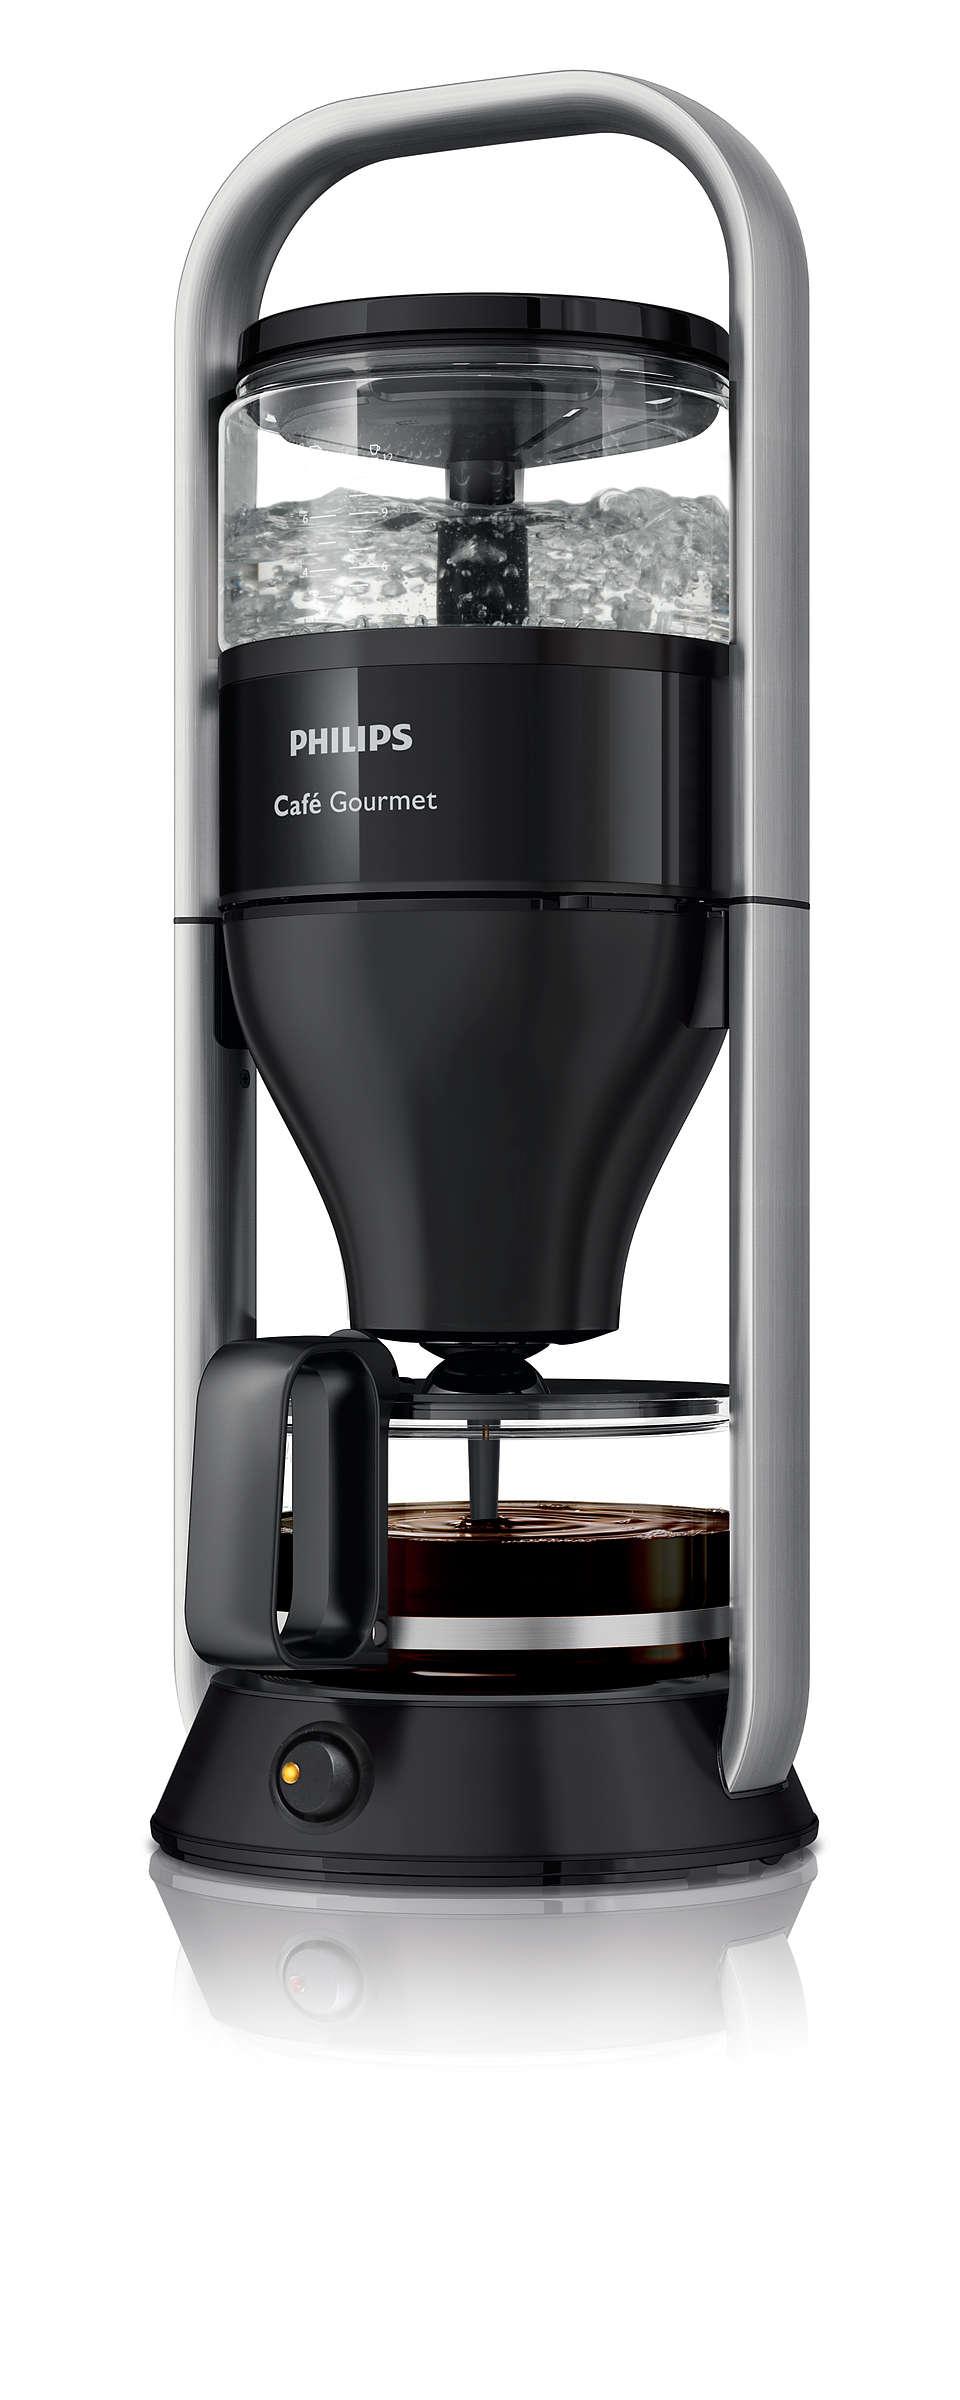 Okus ročno pripravljene filtrske kave, od leta 1988